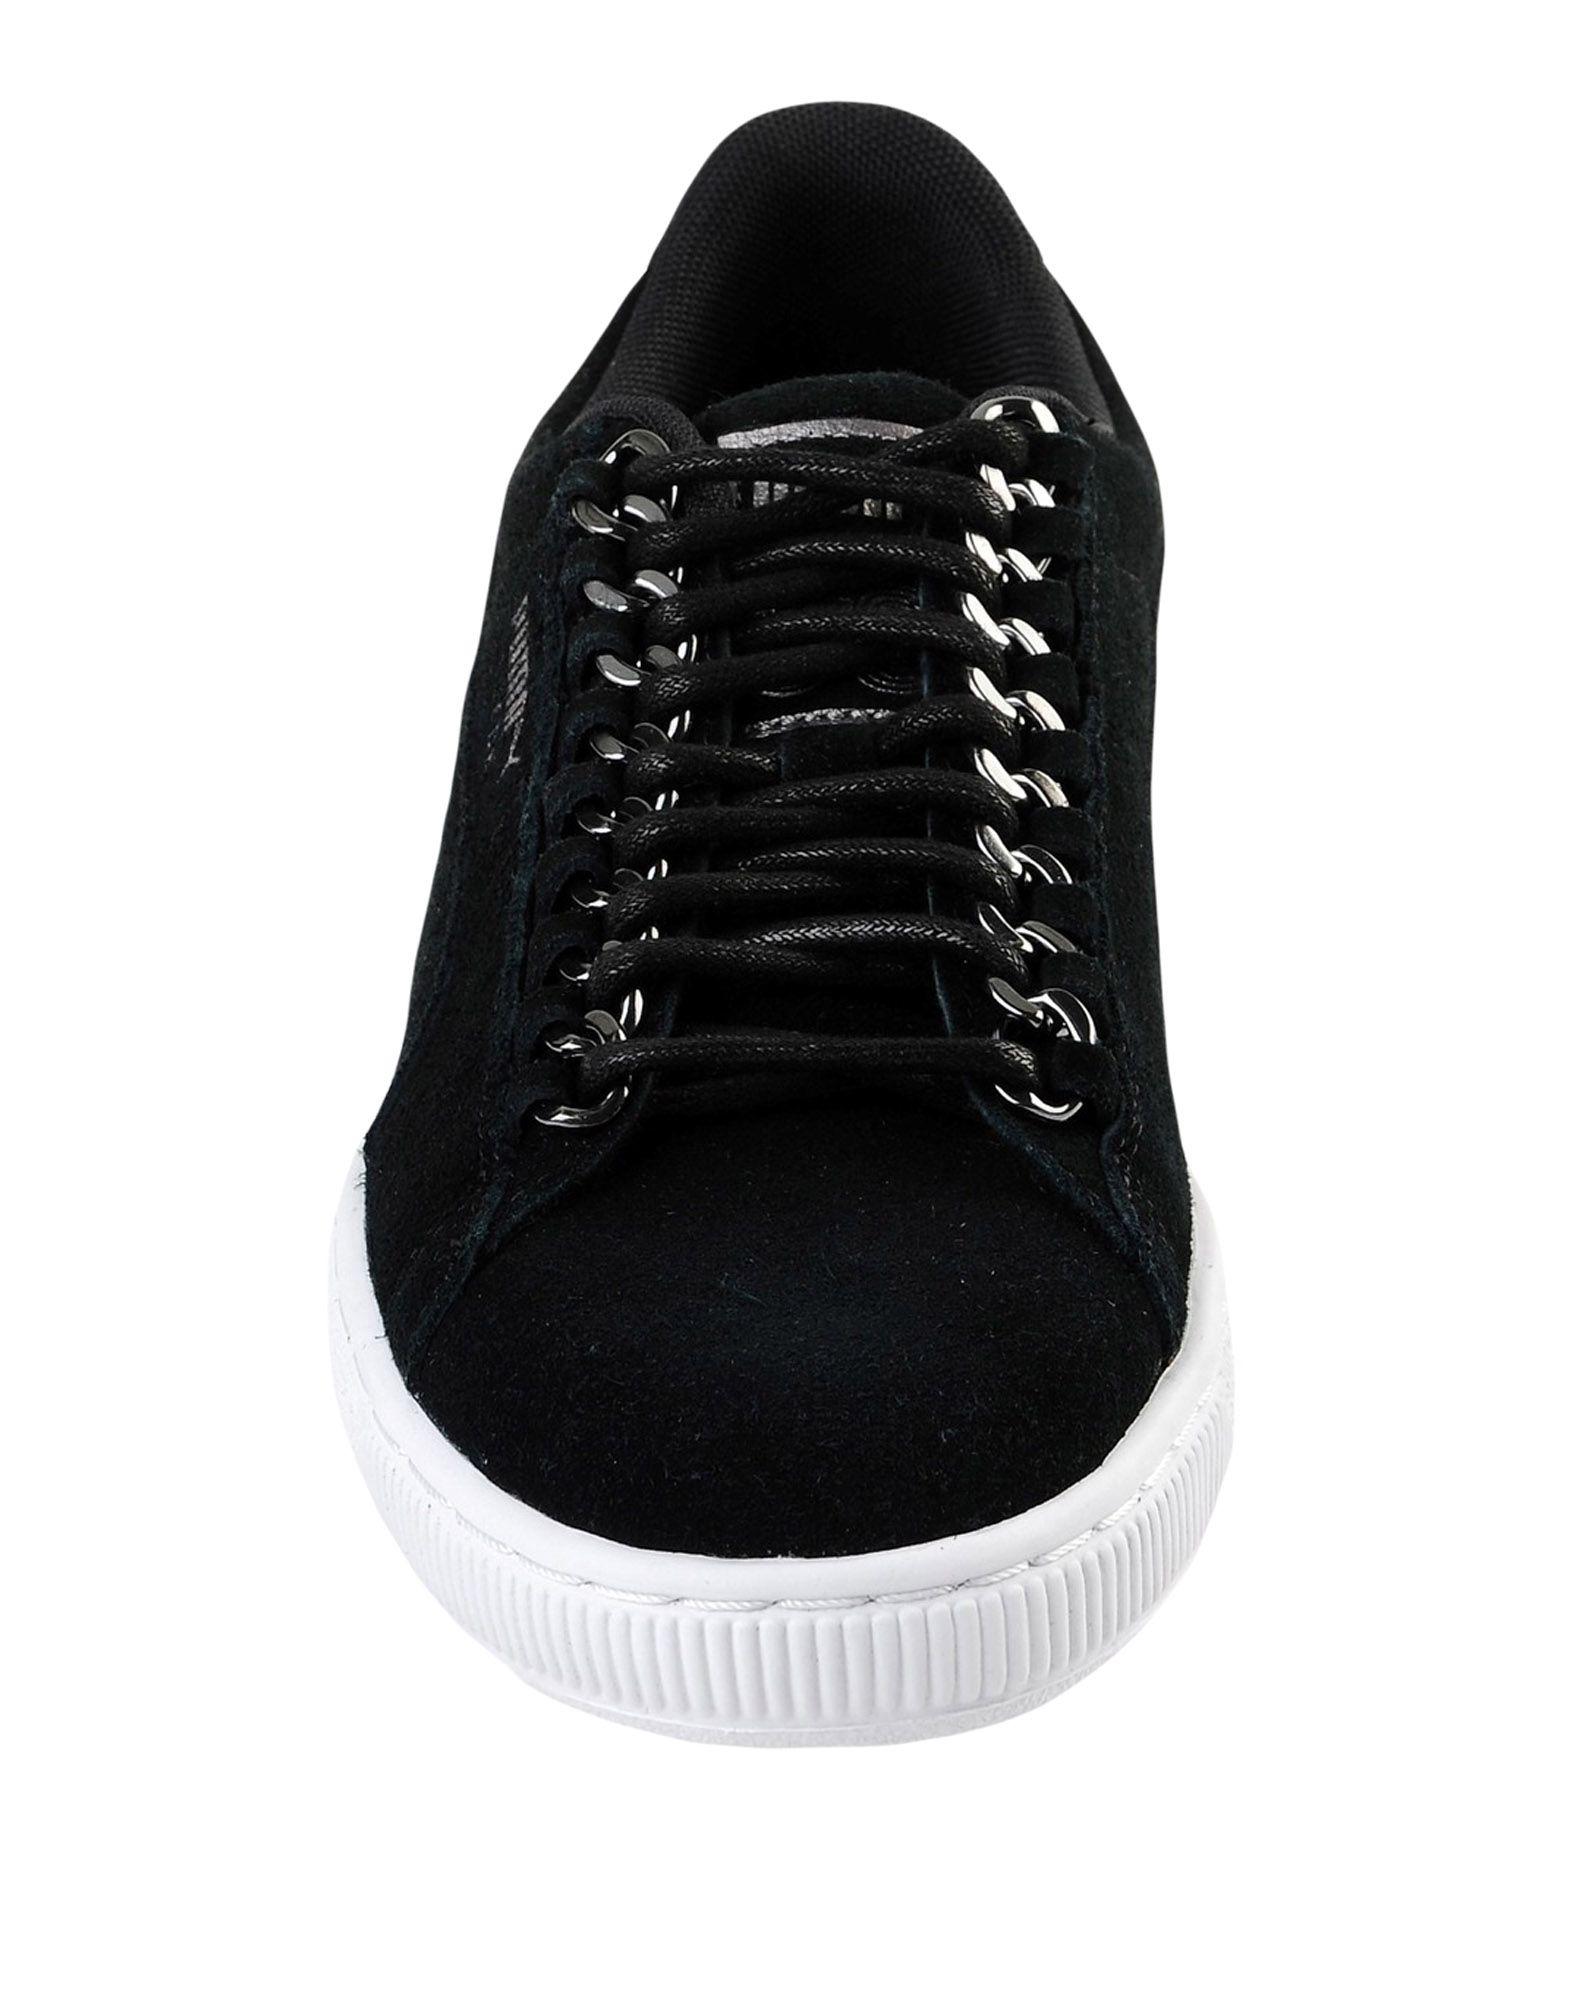 Puma 11541352MT Suede Classic X Chain Wn's  11541352MT Puma Gute Qualität beliebte Schuhe 2b1964